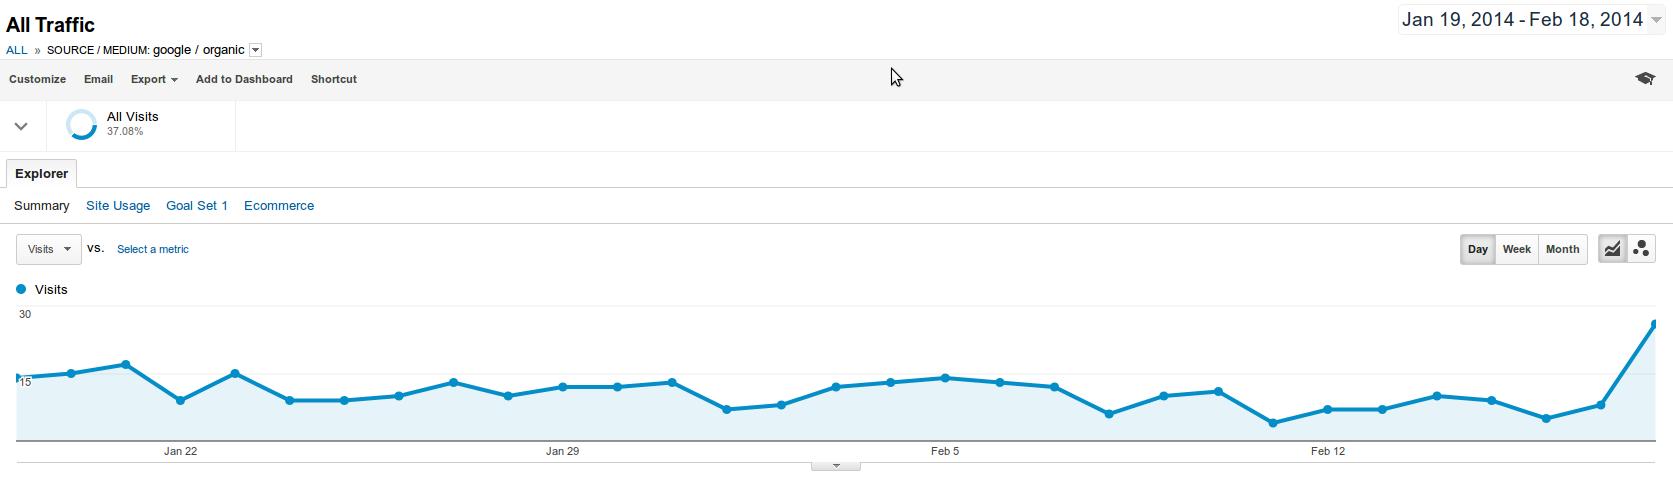 google-update-2014-02-webseite-2